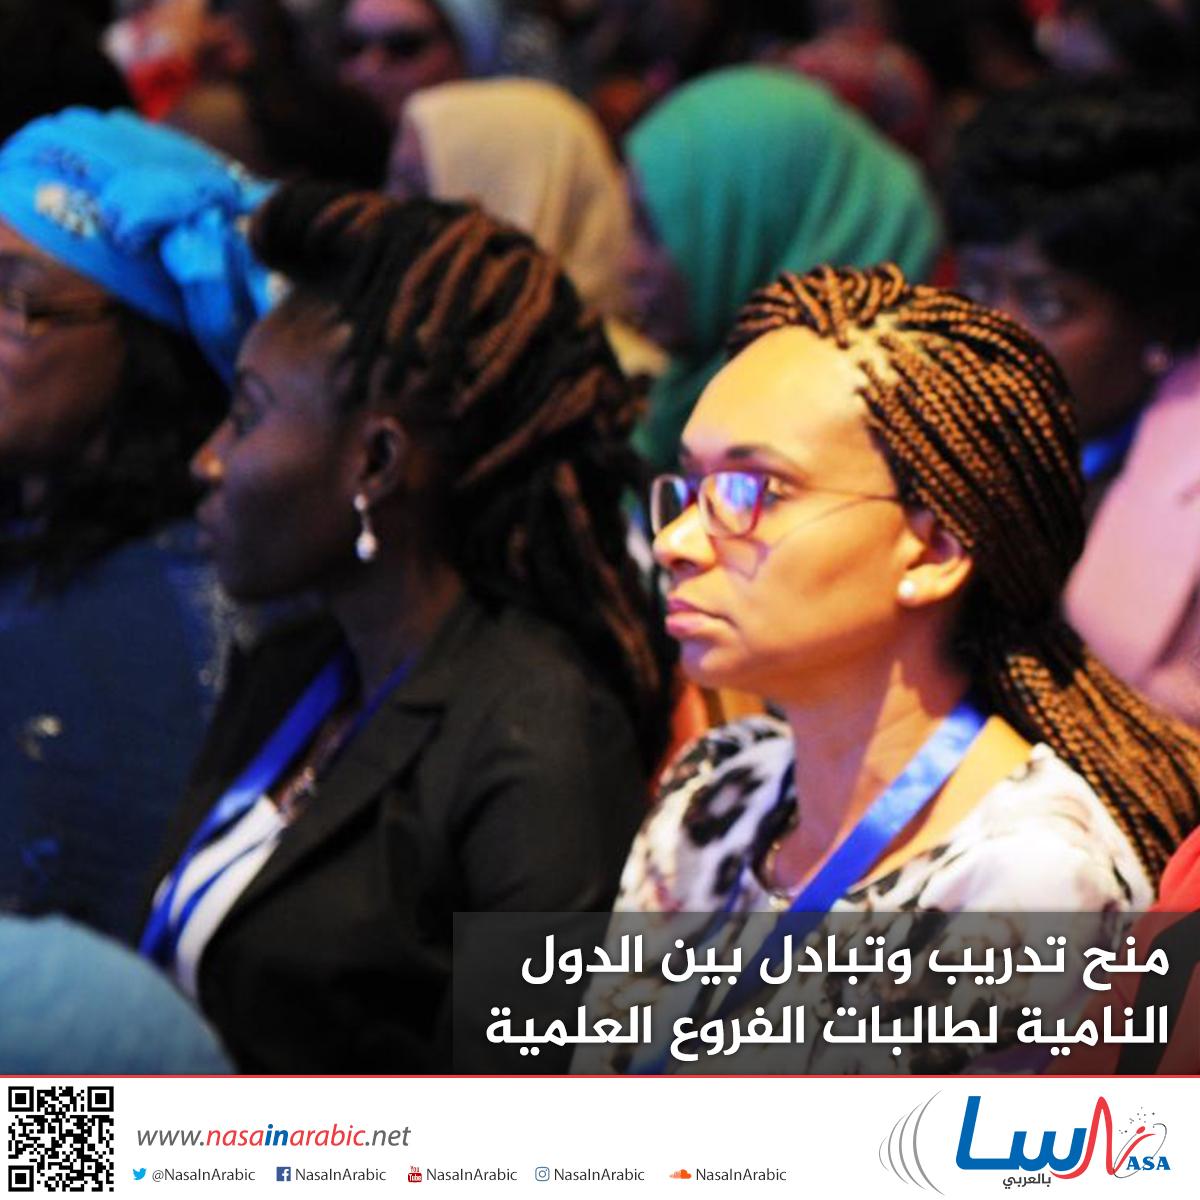 منح تدريب وتبادل بين الدول النامية لطالبات الفروع العلمية